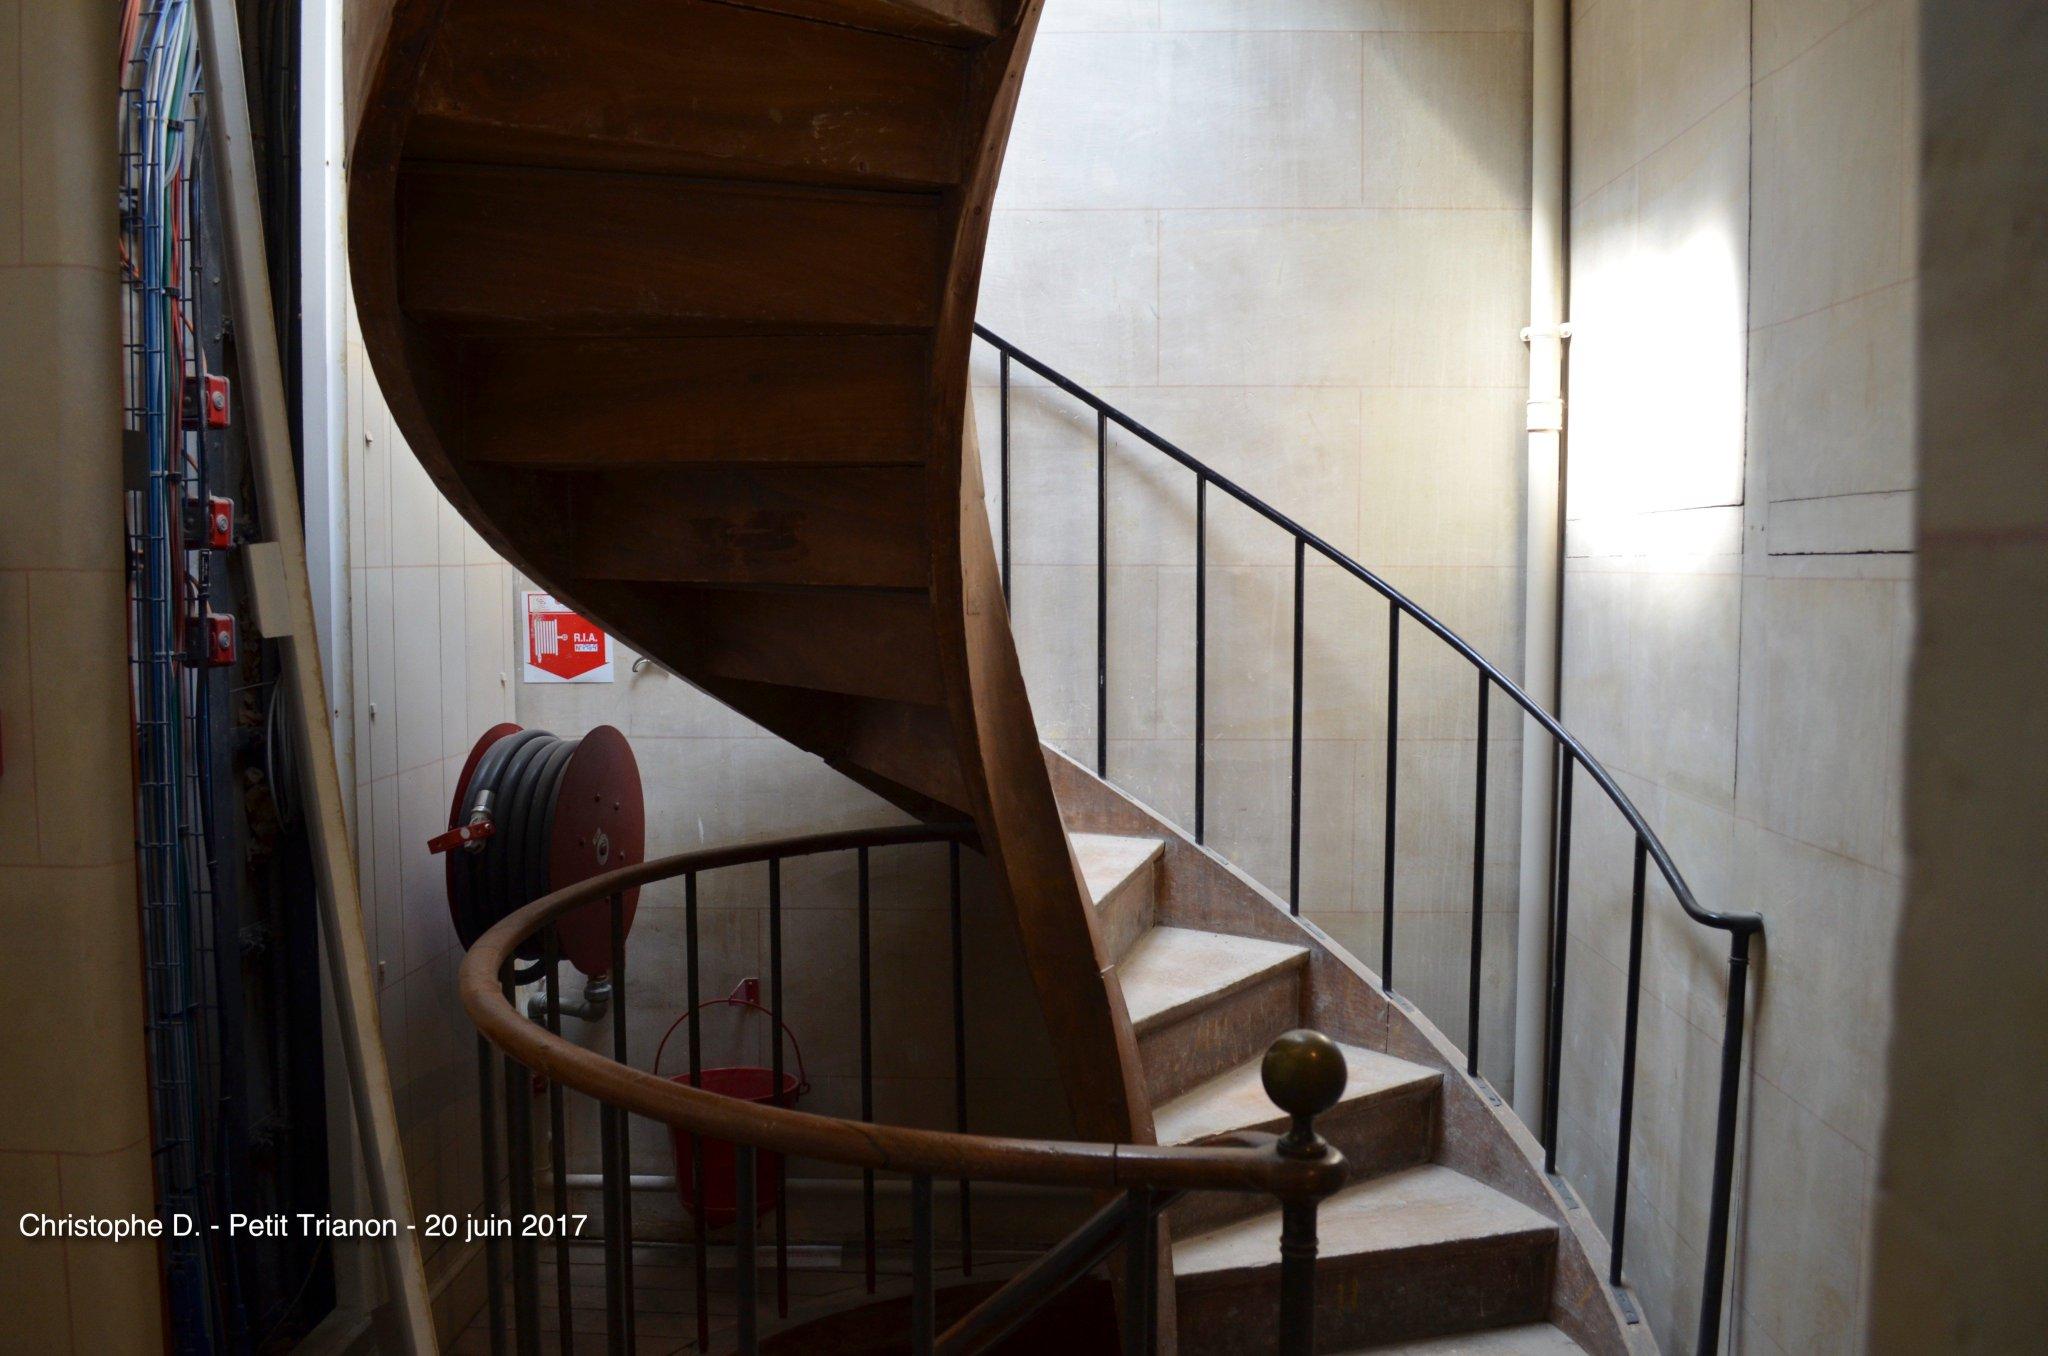 """Résultat de recherche d'images pour """"escalier circulaire de service petit trianon"""""""